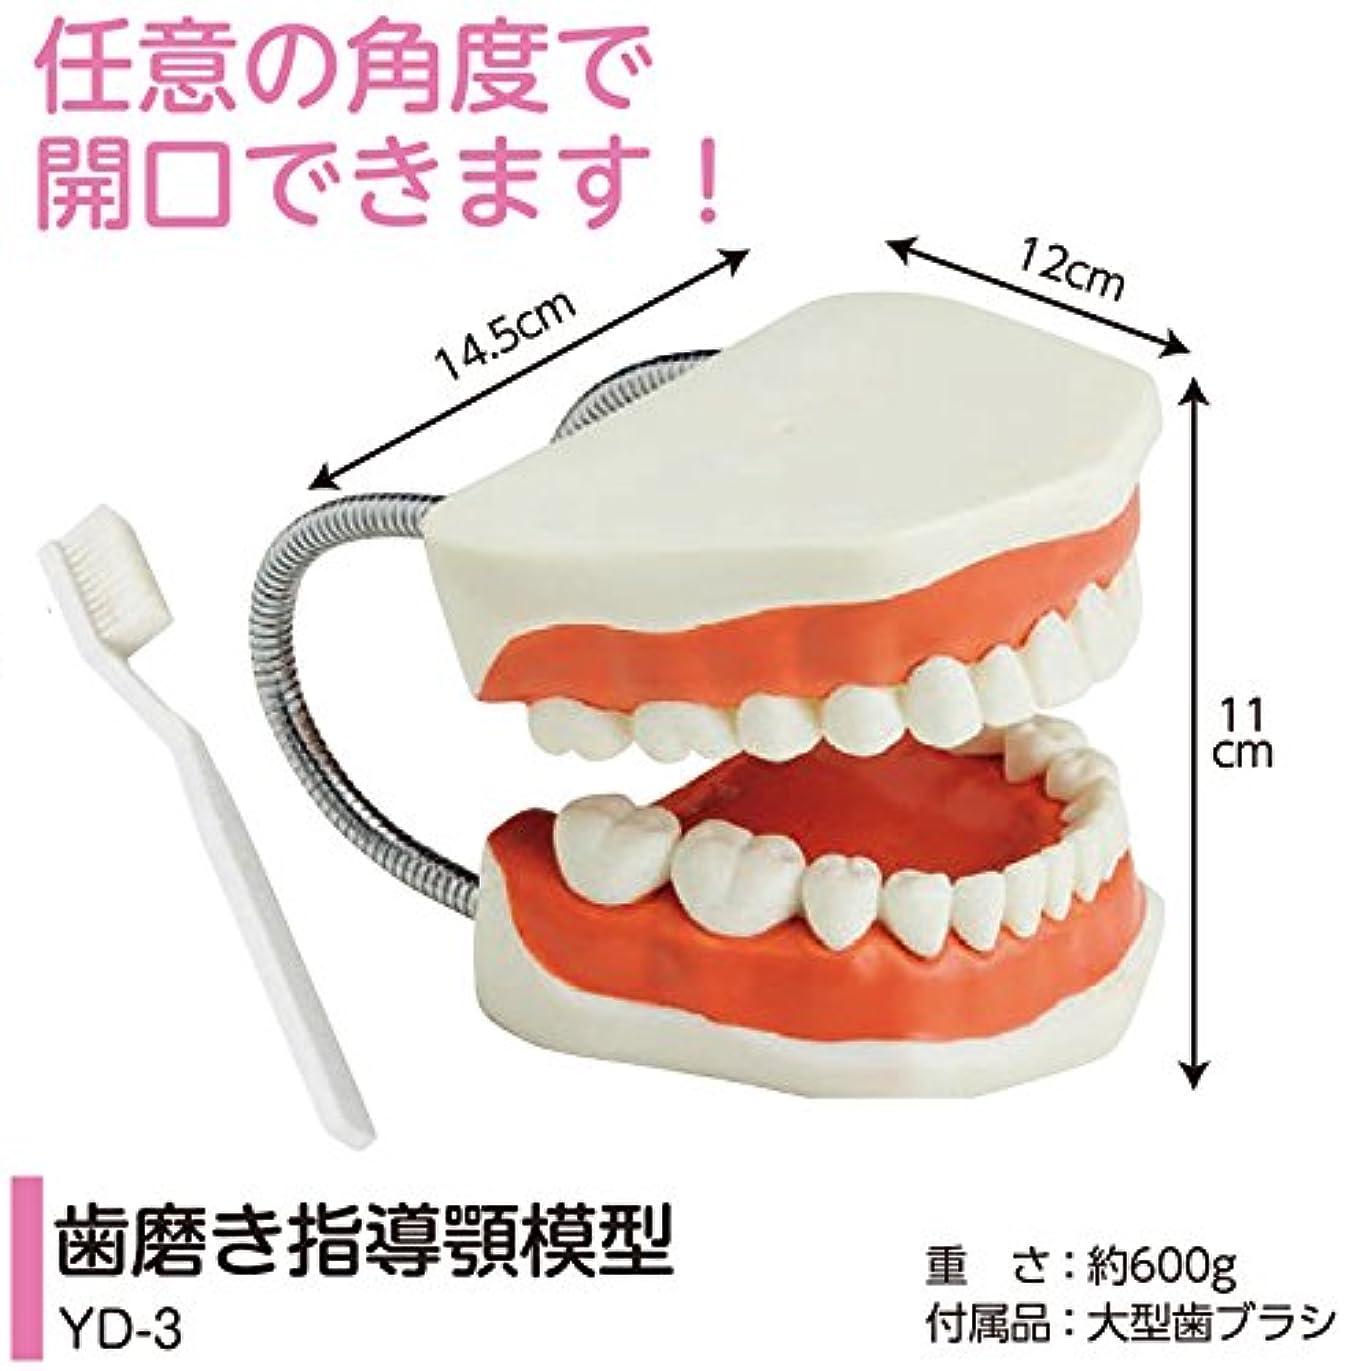 正確姿勢騒歯磨き指導用 顎模型 YD-3(歯ブラシ付) 軽くて持ちやすい歯みがき指導顎模型